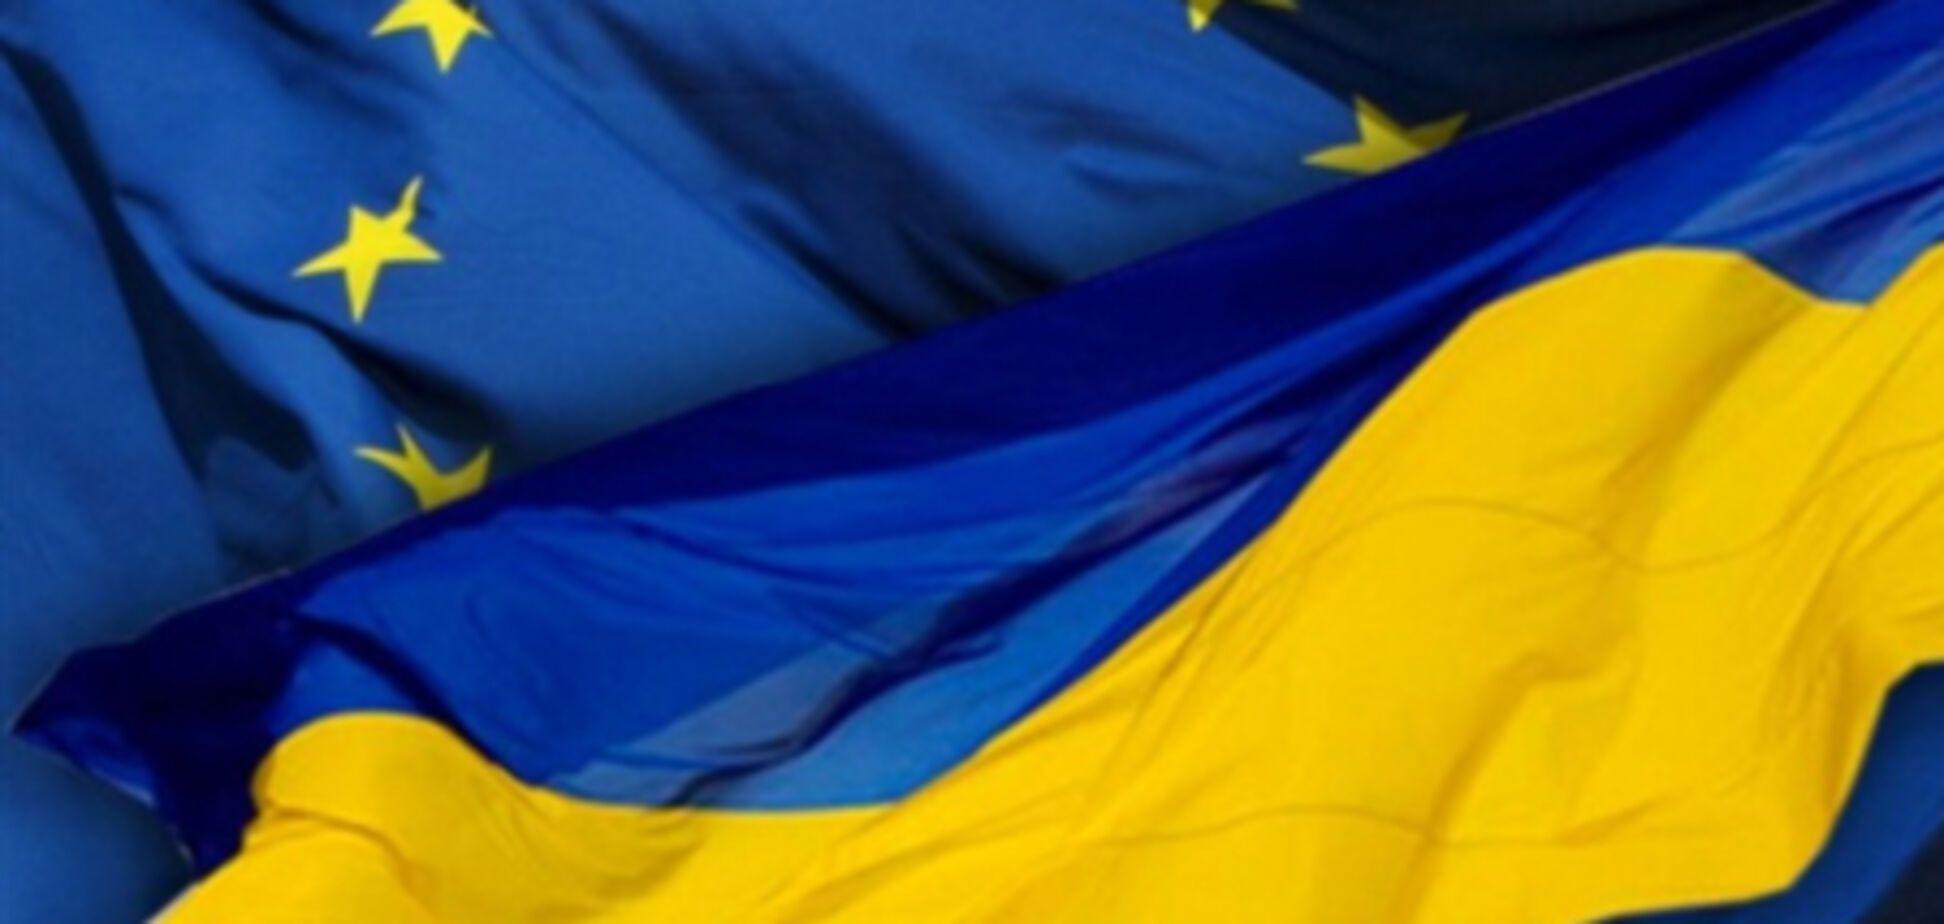 Большой шаг к вступлению в ЕС: эксперты высоко оценили прогресс госуправления в Украине